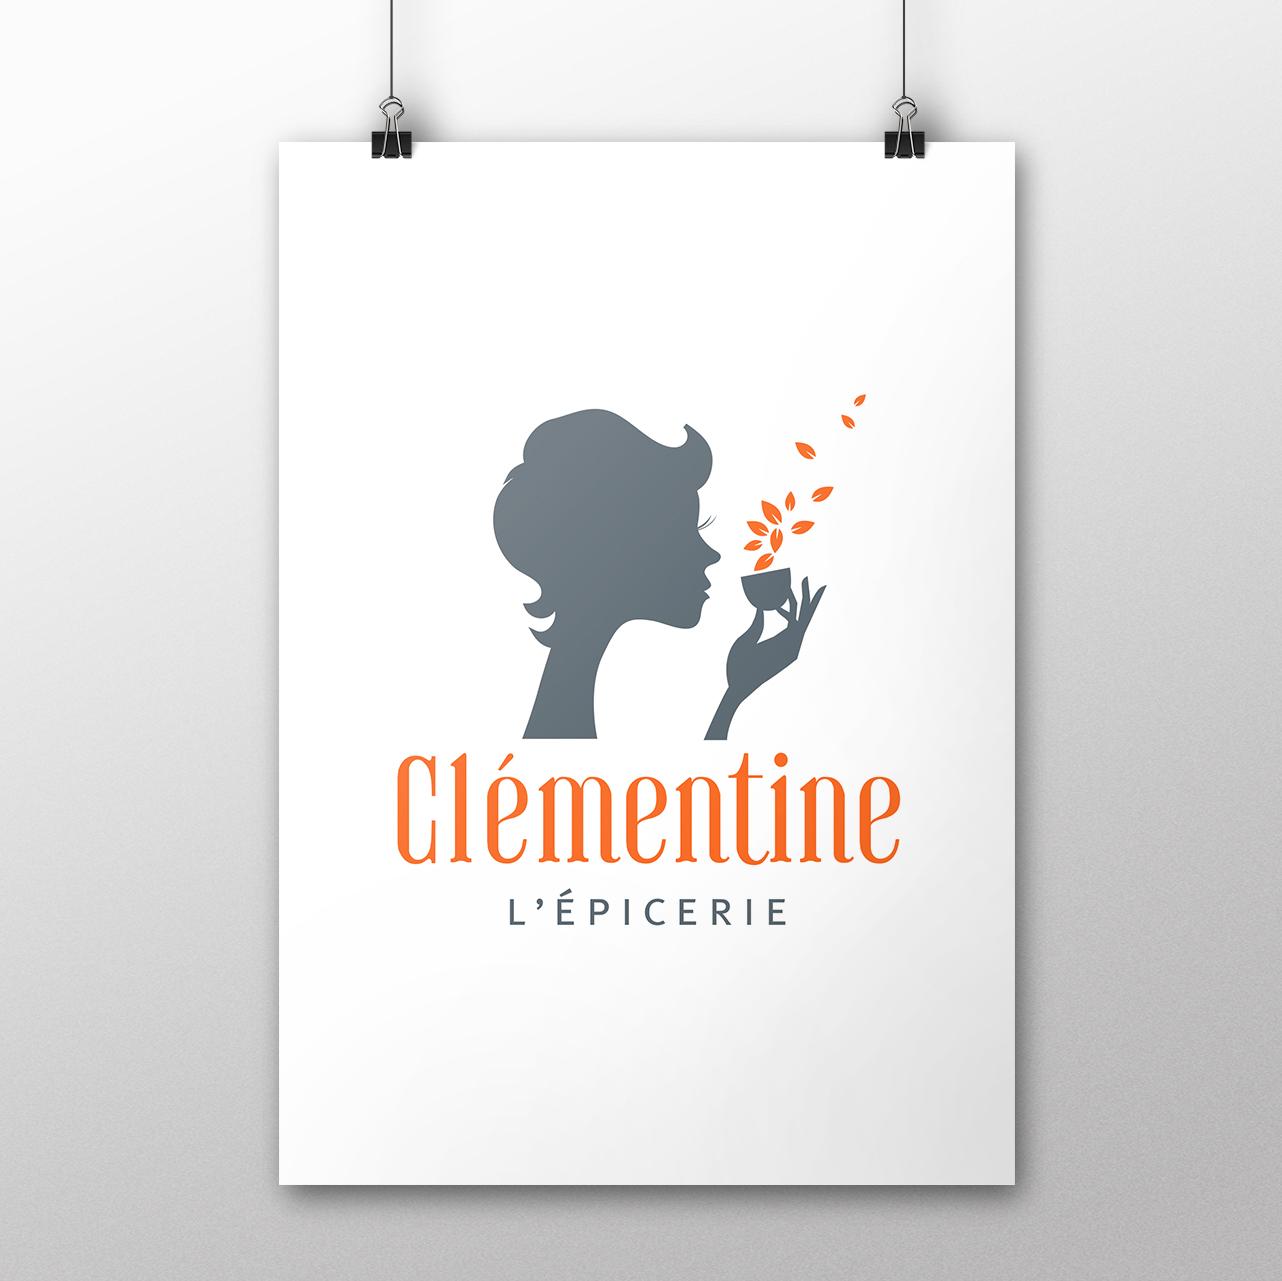 CLÉMENTINE, LÉPICERIE